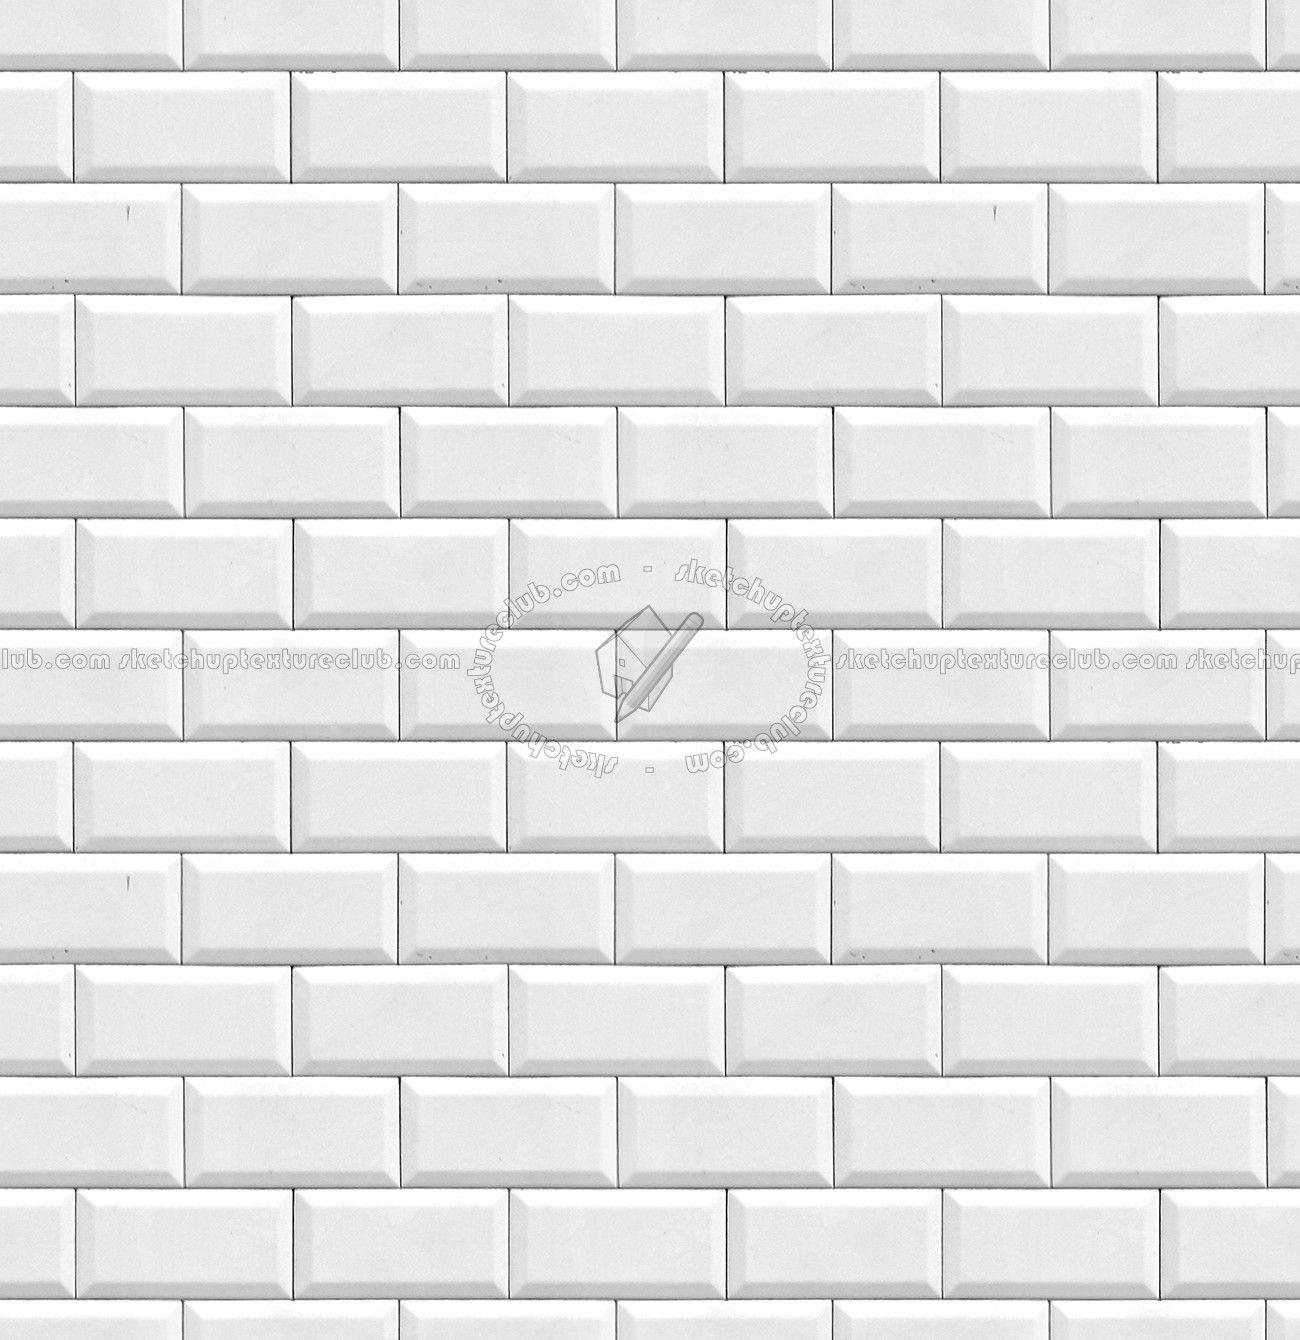 Metro wall cladding stone texture seamless 07819 Brick